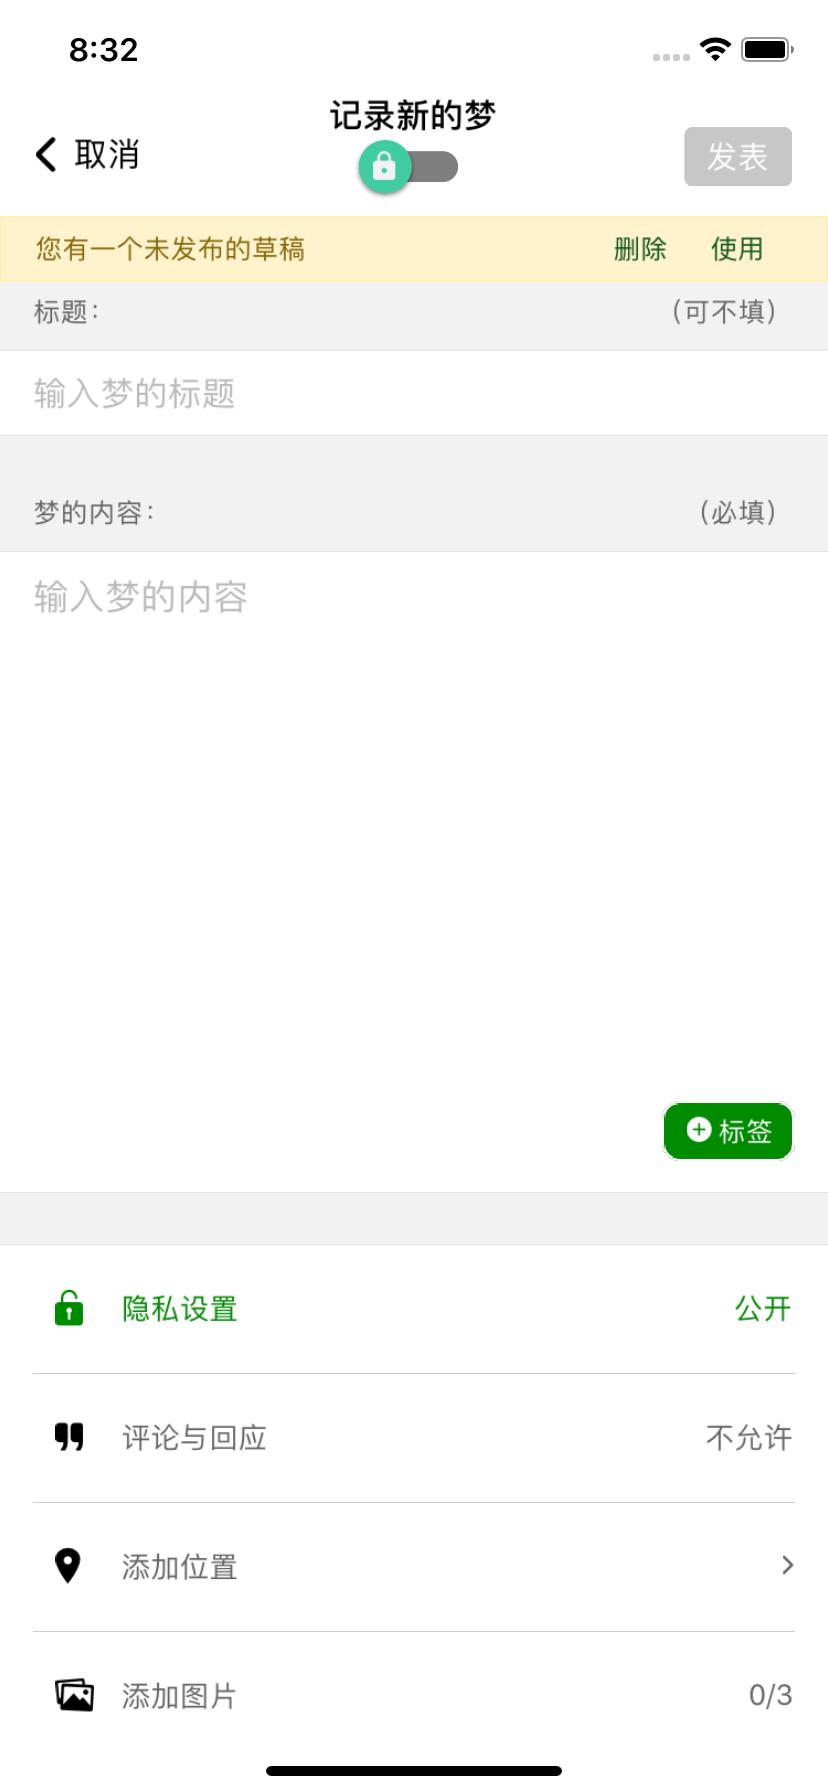 梦匣子-发布